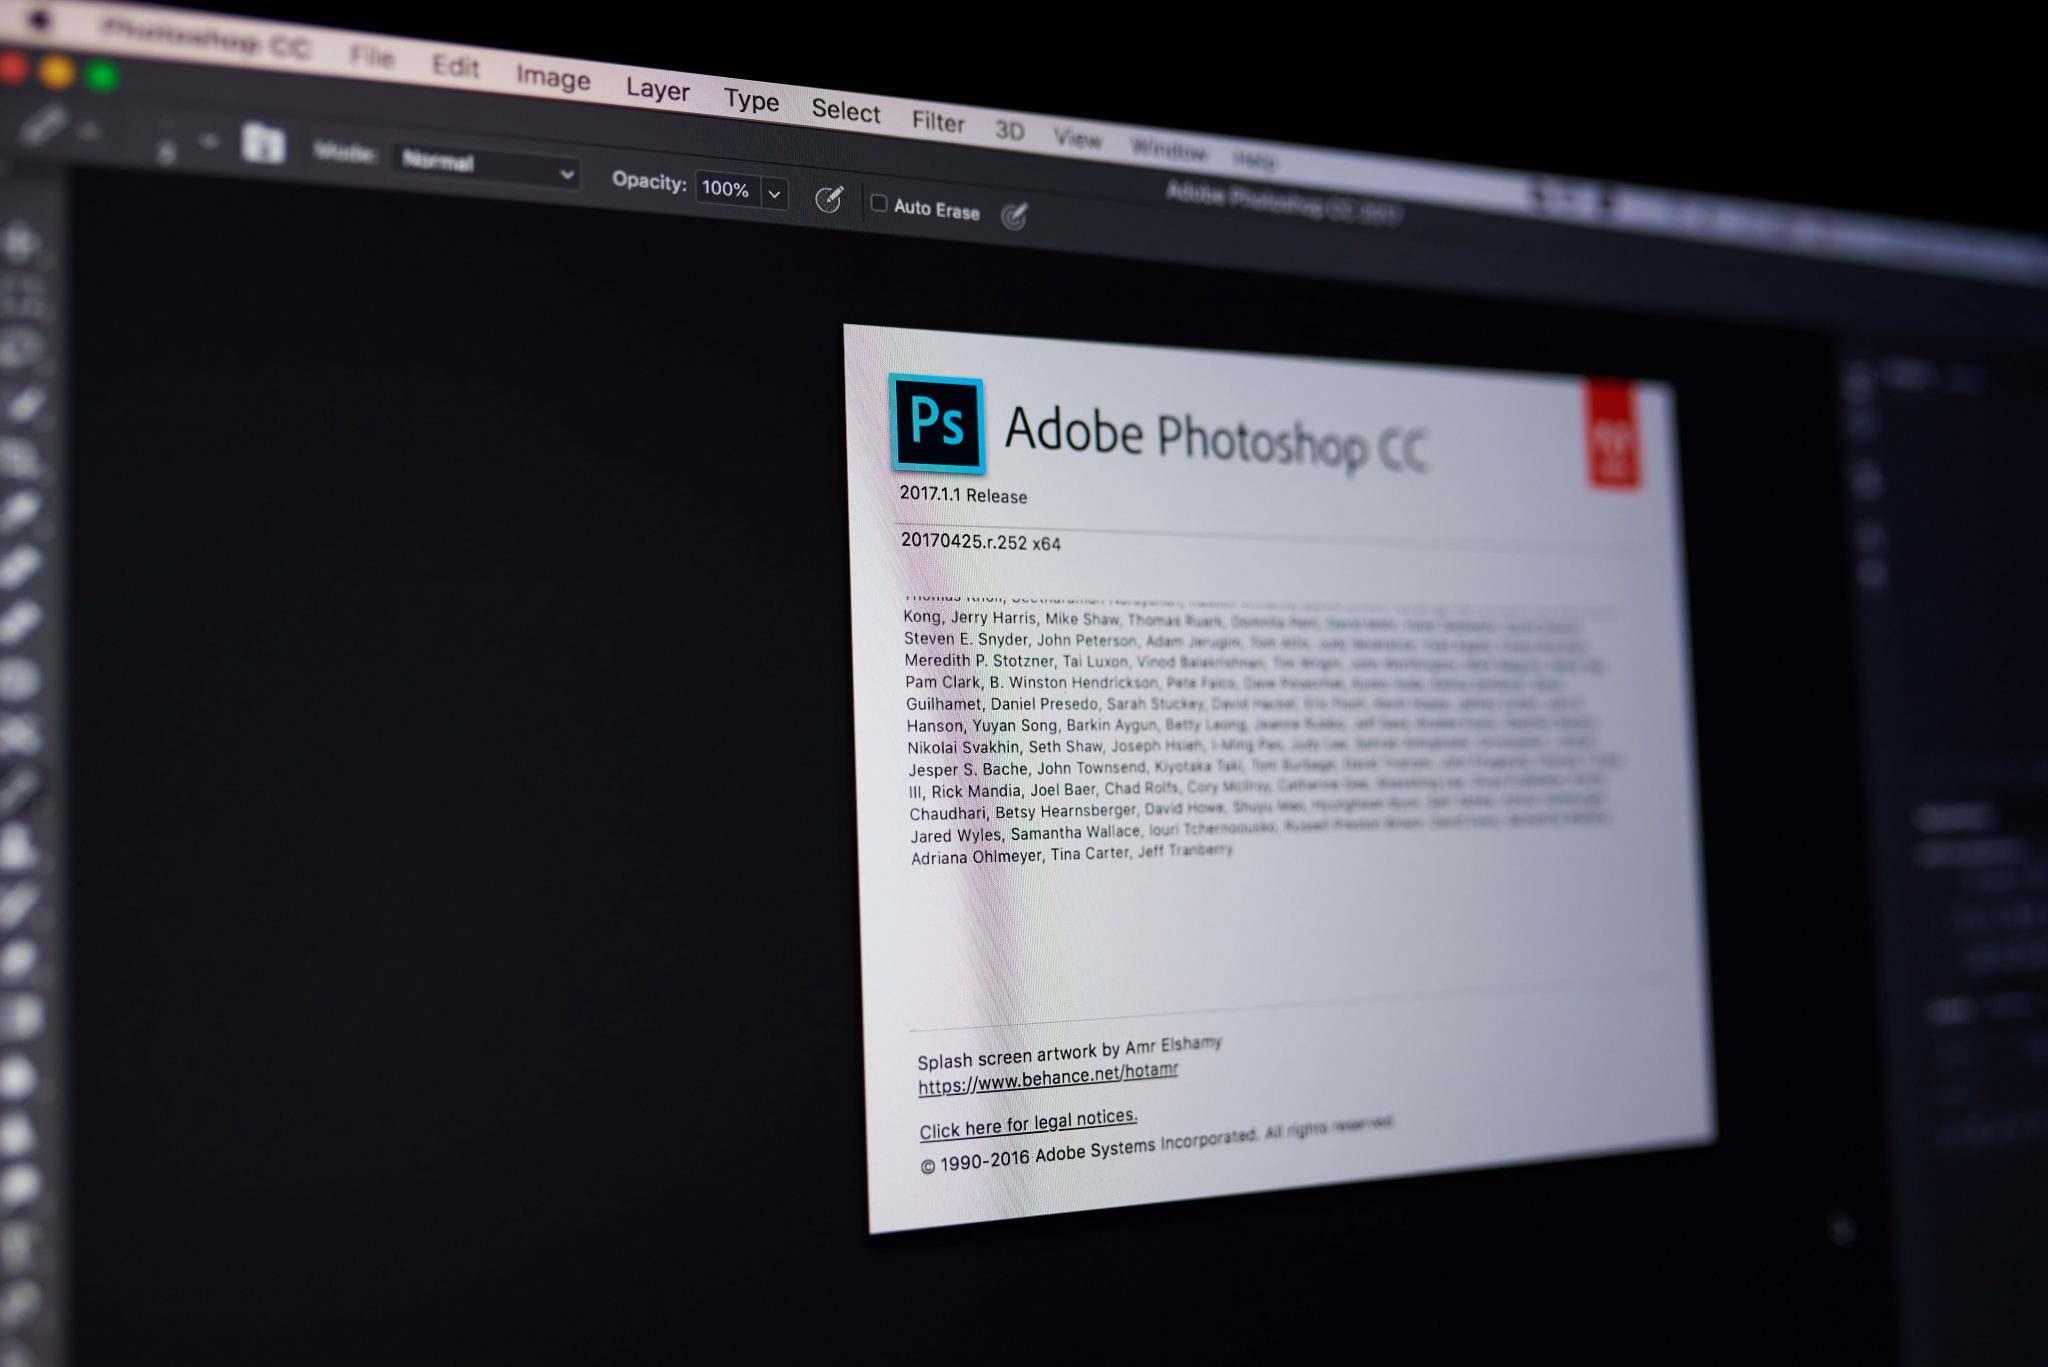 O Photoshop é uma das mais conhecidas ferramentas de edição de imagens